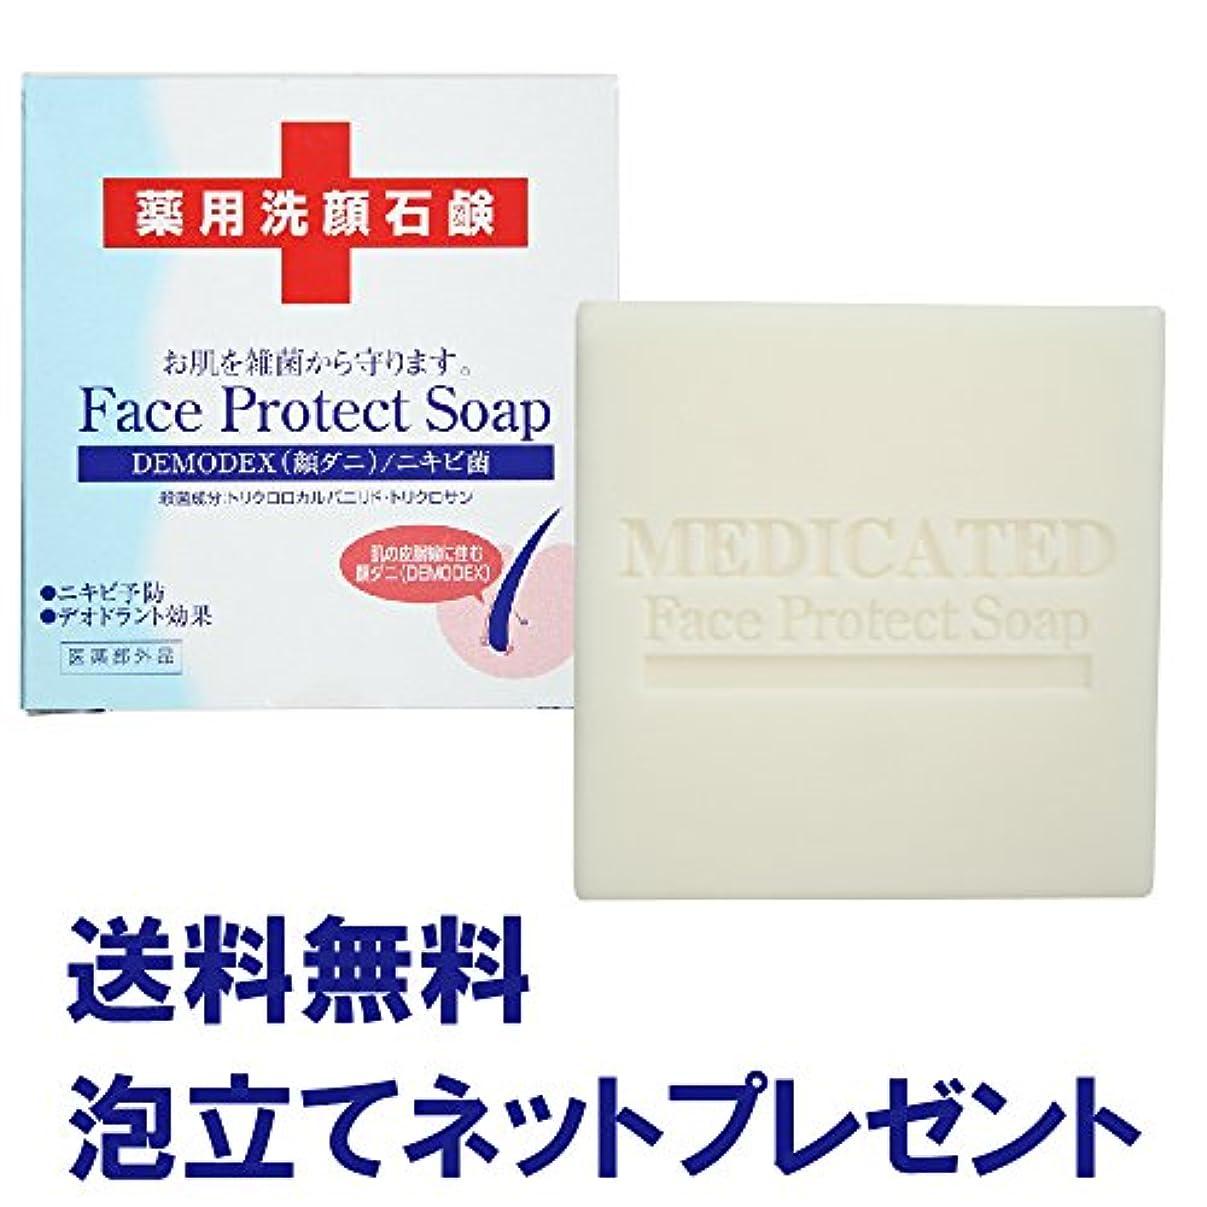 る空の習慣顔ダニ?ニキビ対策 薬用洗顔石鹸 ダイム 薬用フェイスプロテクトソープ 115g 泡立てネットプレゼント